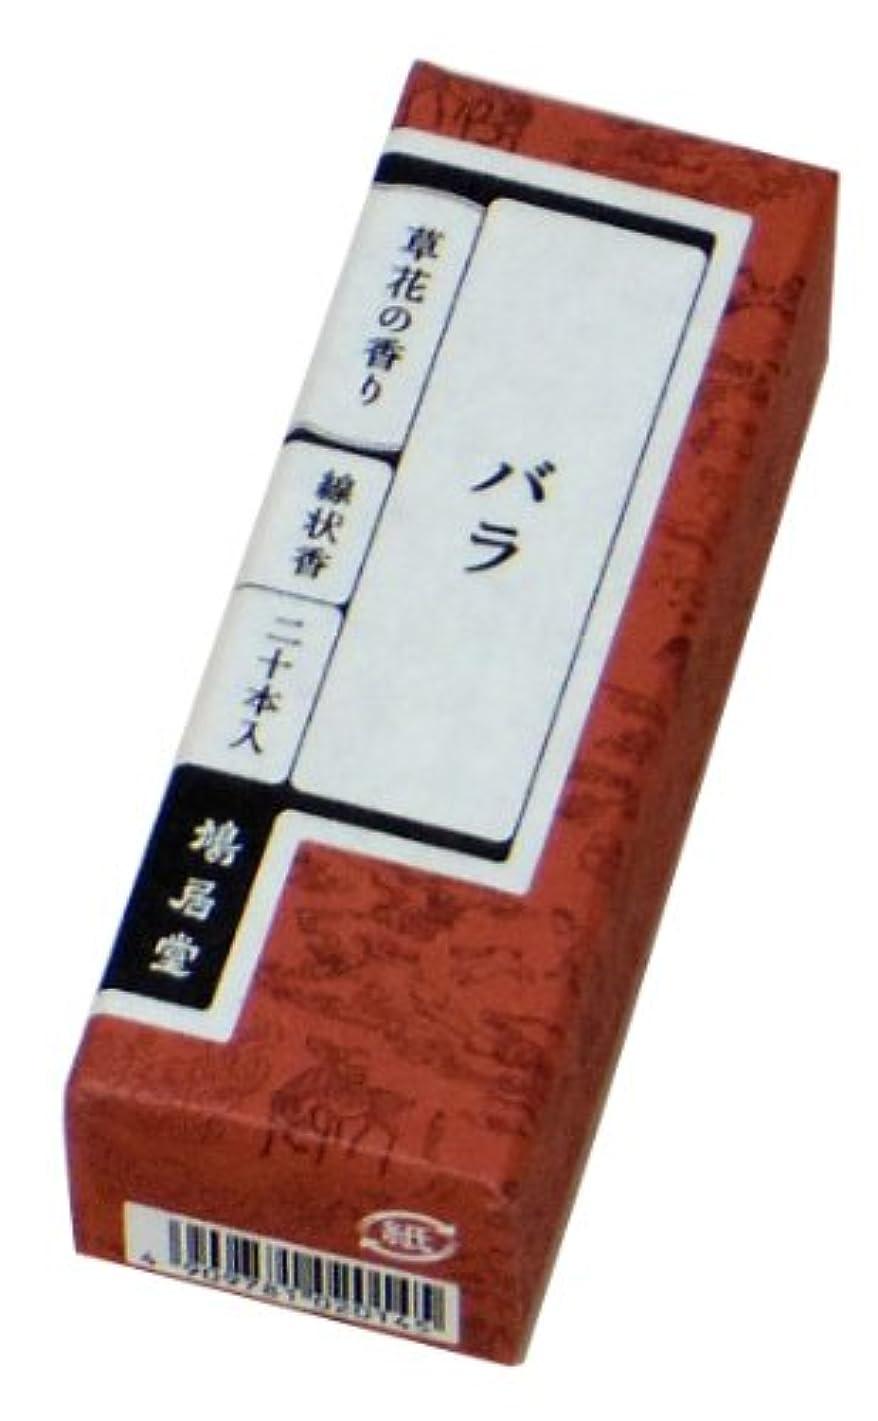 オーガニック自動的に柔和鳩居堂のお香 草花の香り バラ 20本入 6cm